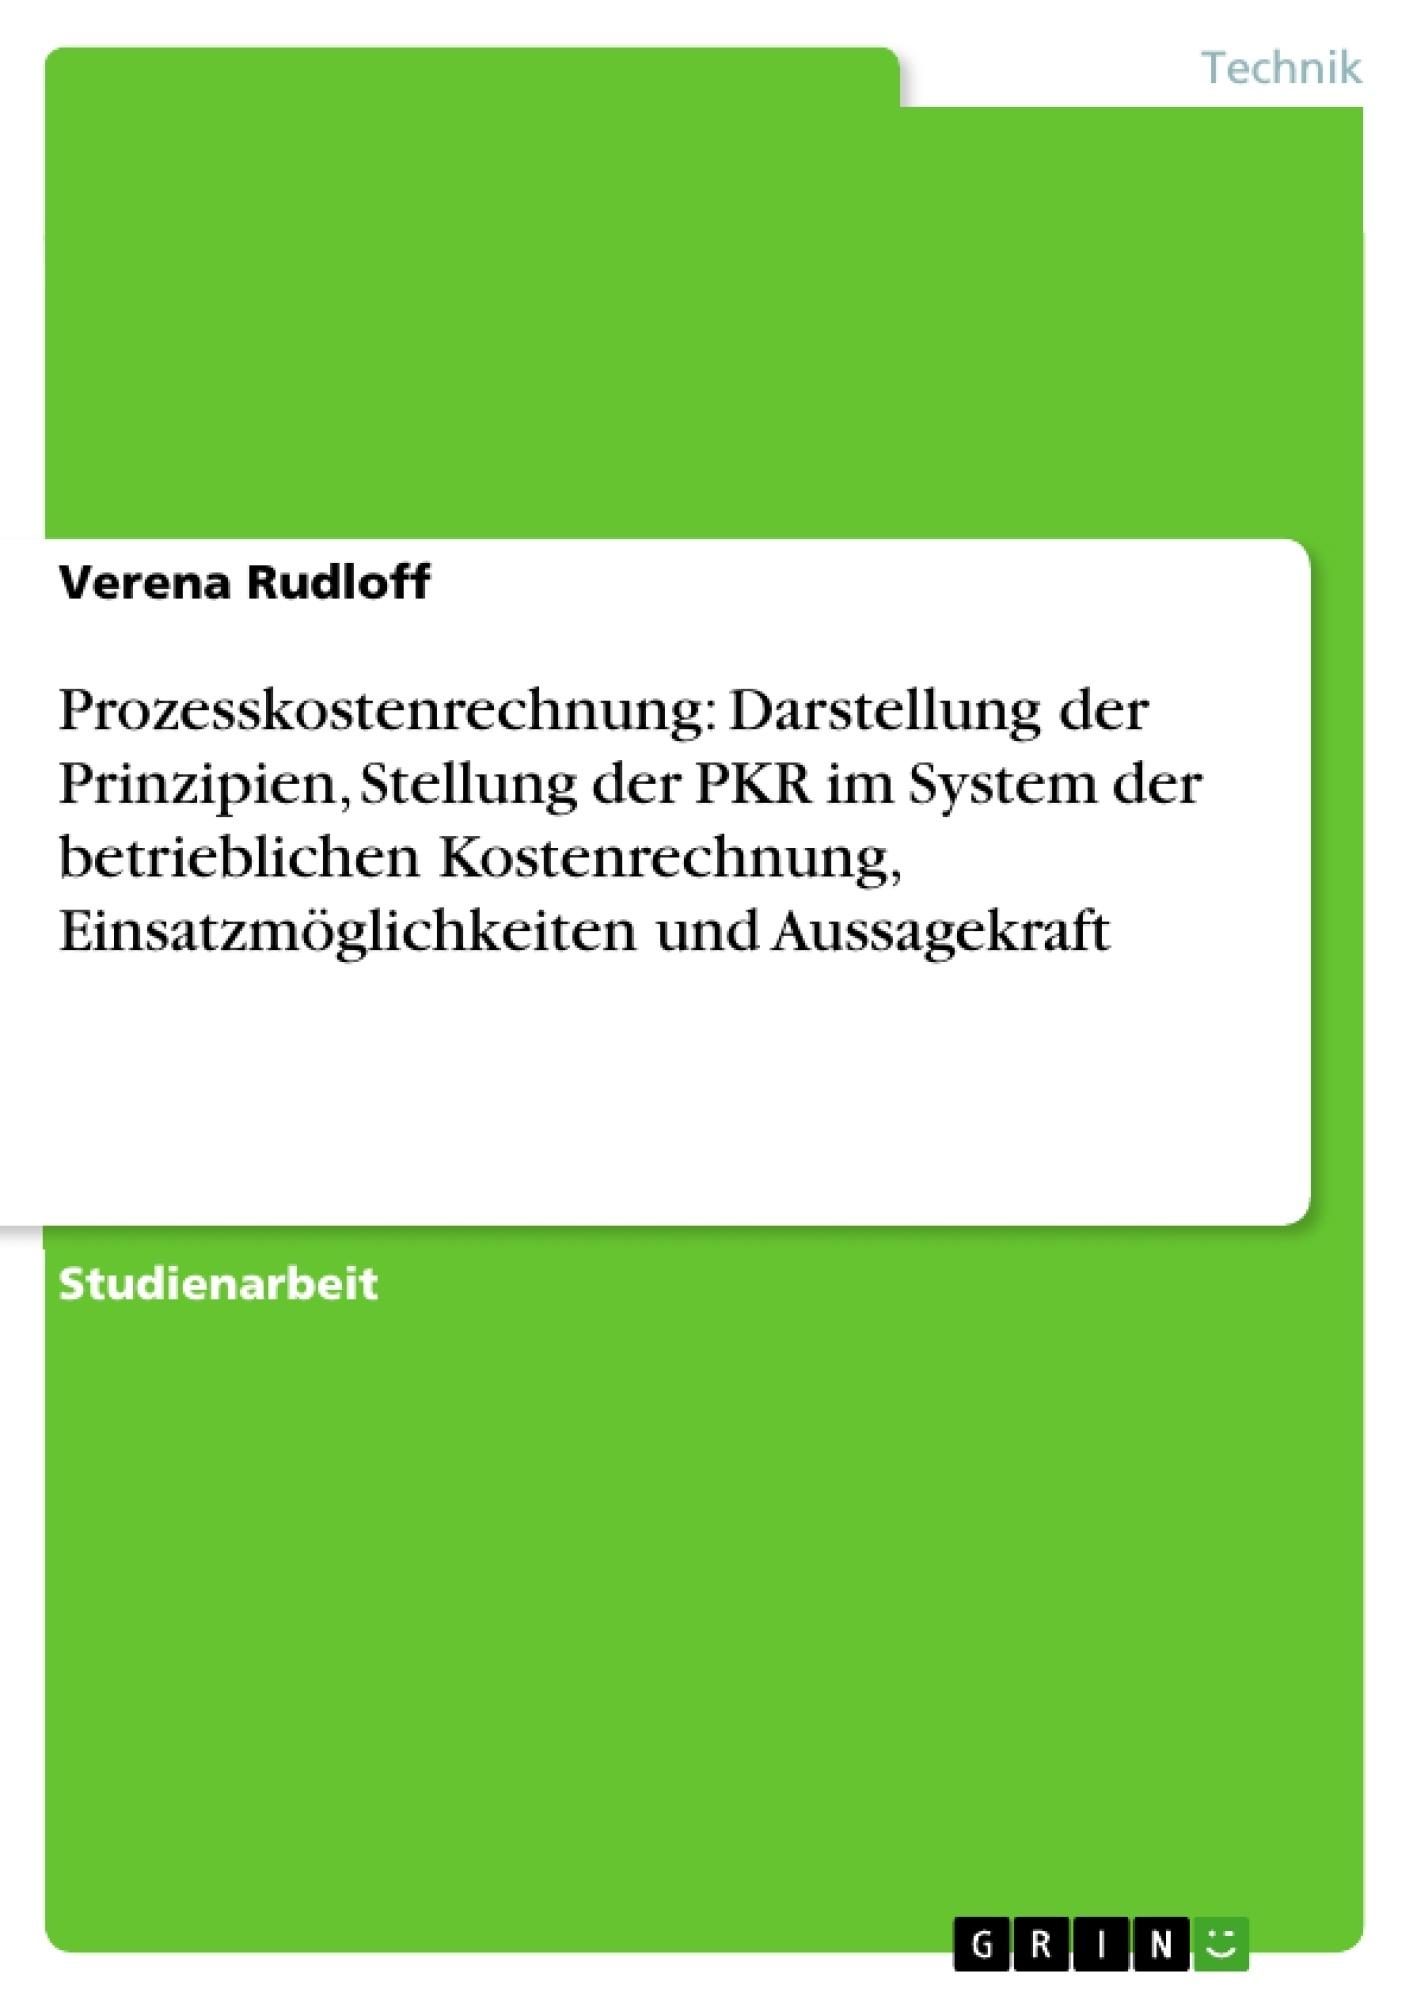 Titel: Prozesskostenrechnung: Darstellung der Prinzipien, Stellung der PKR im  System der betrieblichen Kostenrechnung, Einsatzmöglichkeiten und Aussagekraft